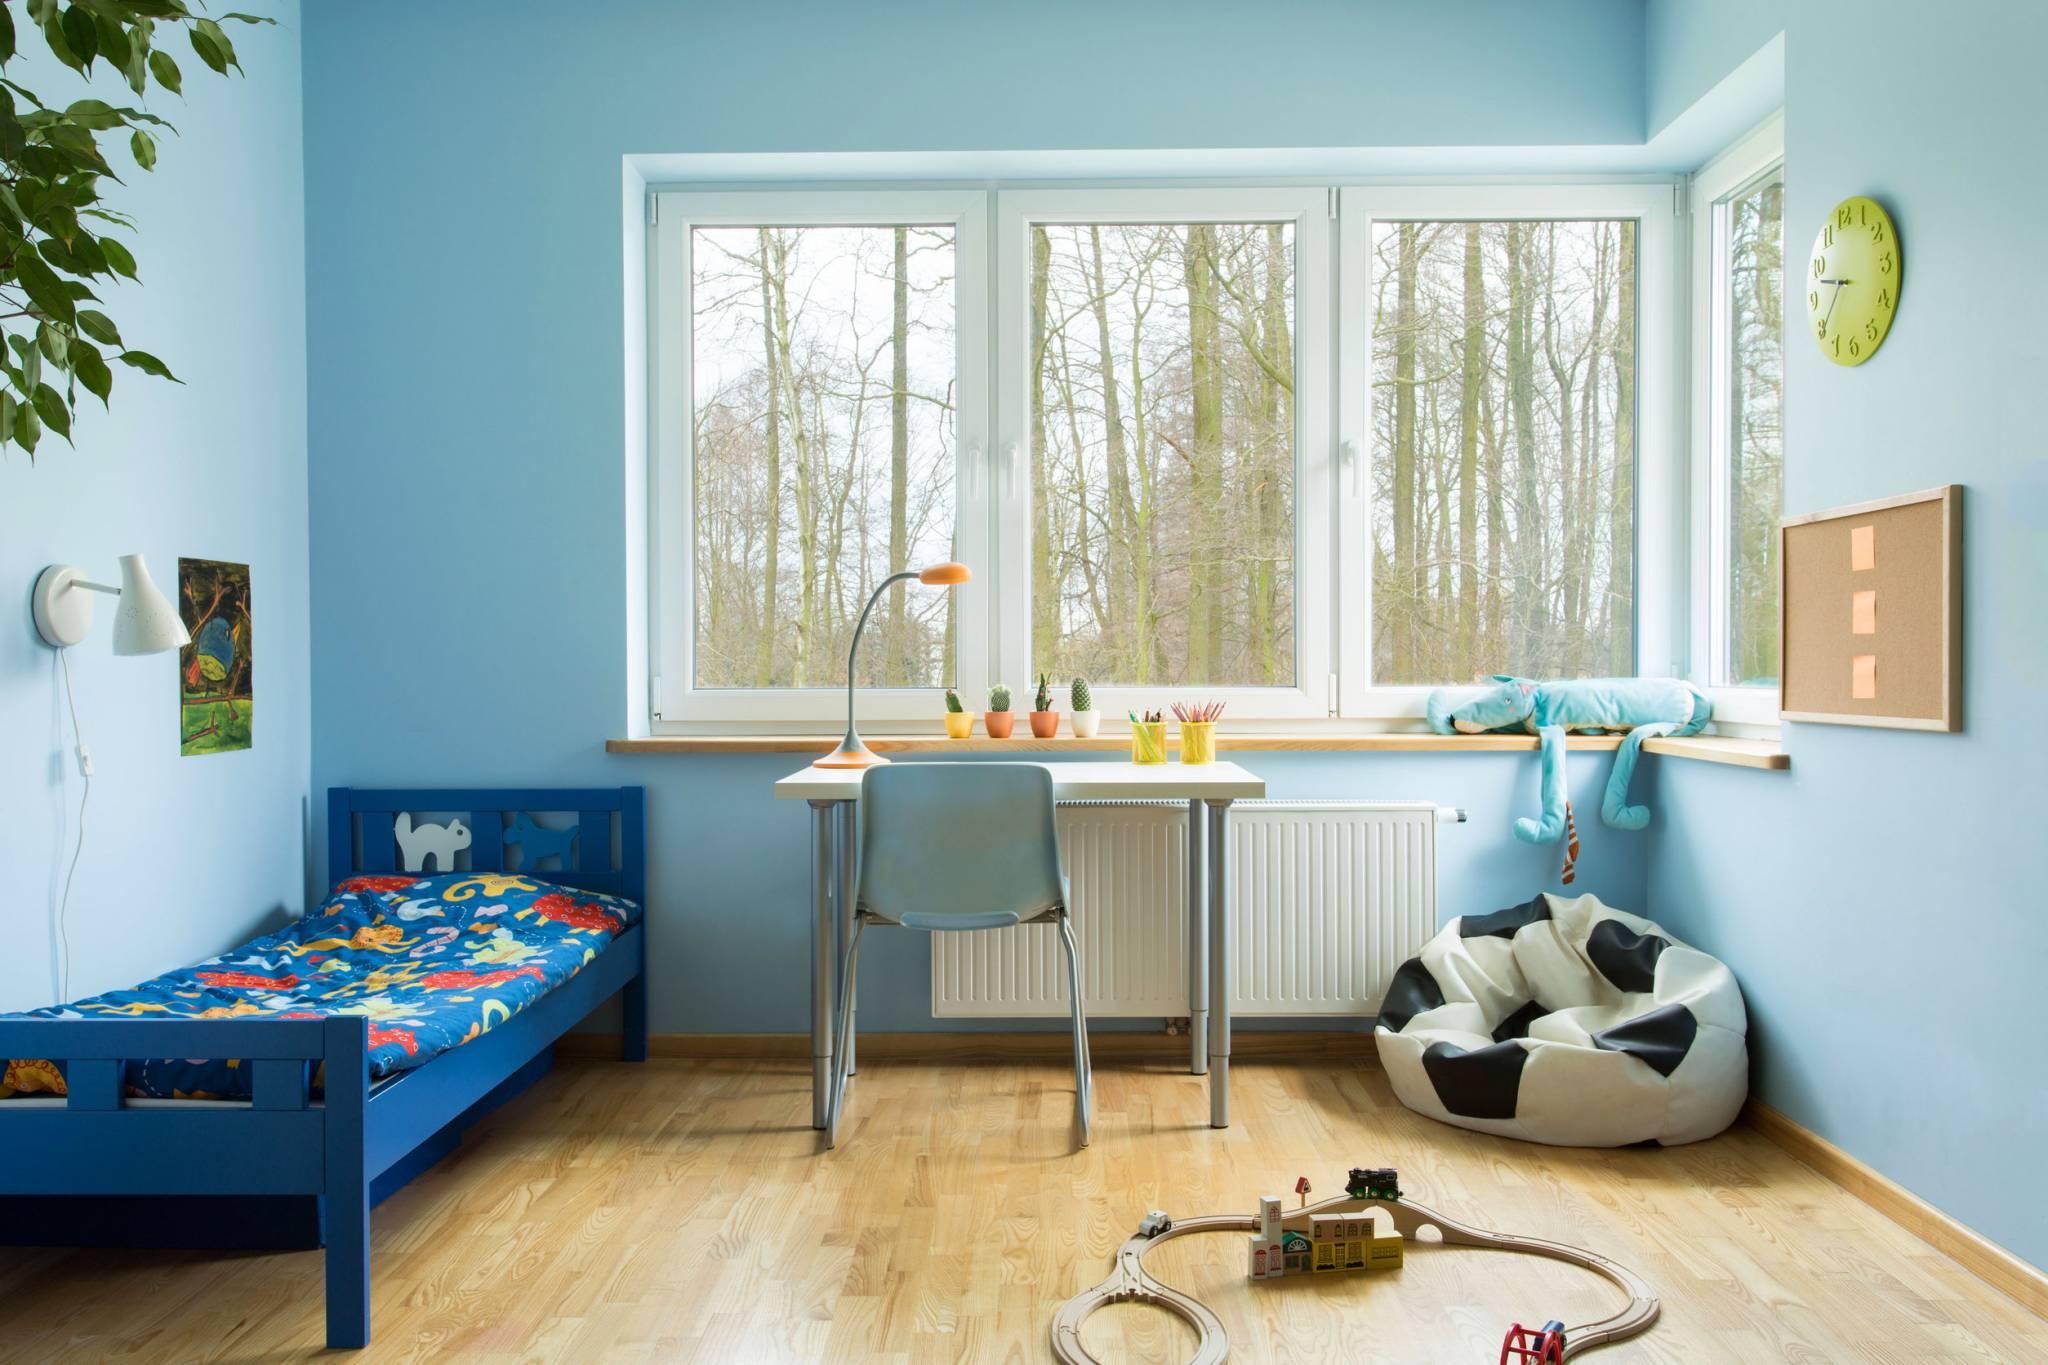 Dekoracje do pokoju dziecięcego, czyli jak odmienić pokój naszej pociechy?